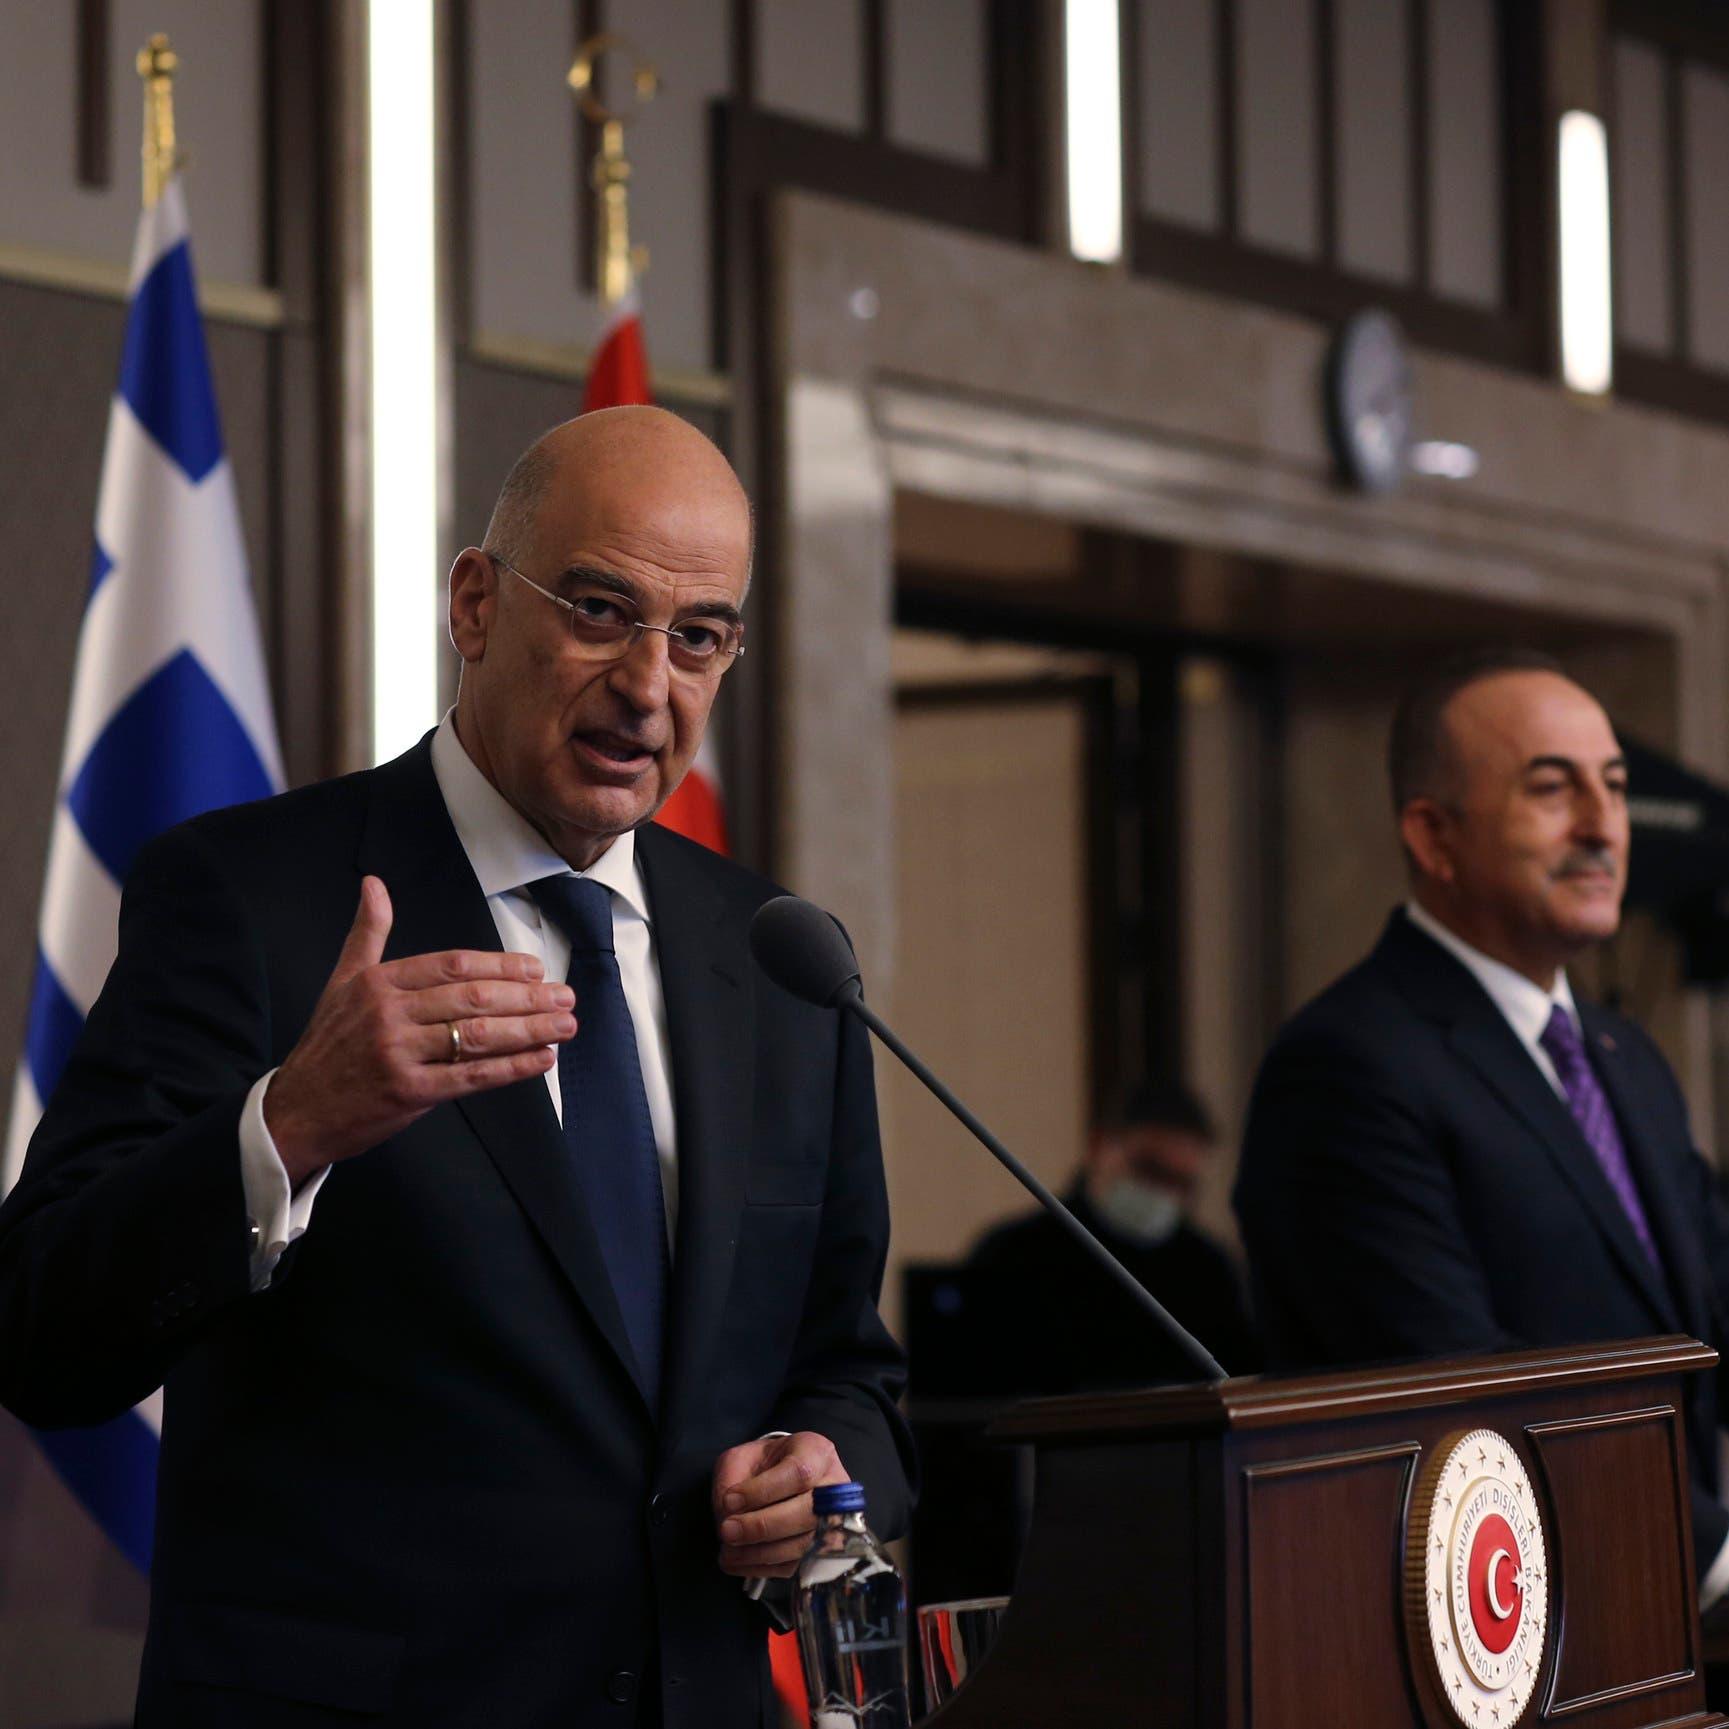 لحظات الشجار الغريب حاضرة.. وزيرا تركيا واليونان يعلقان